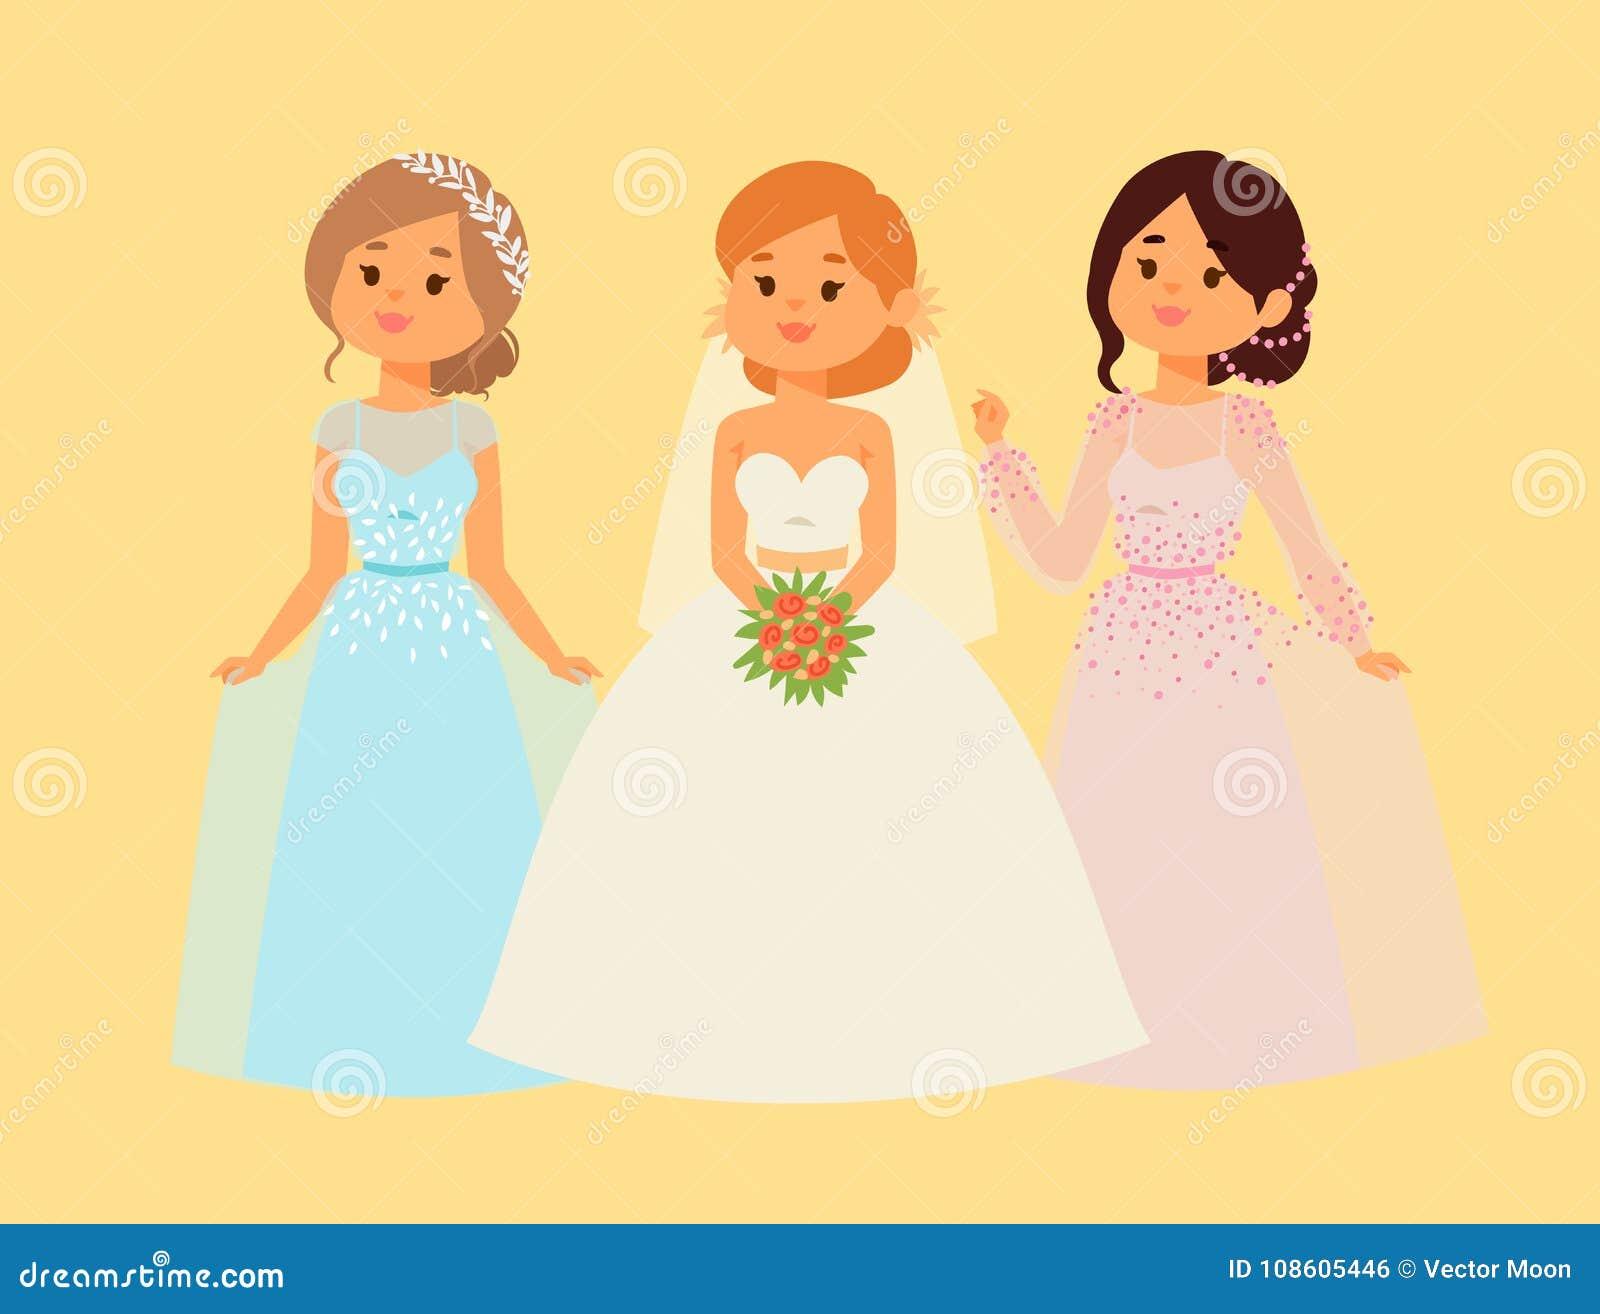 Женятся девушки